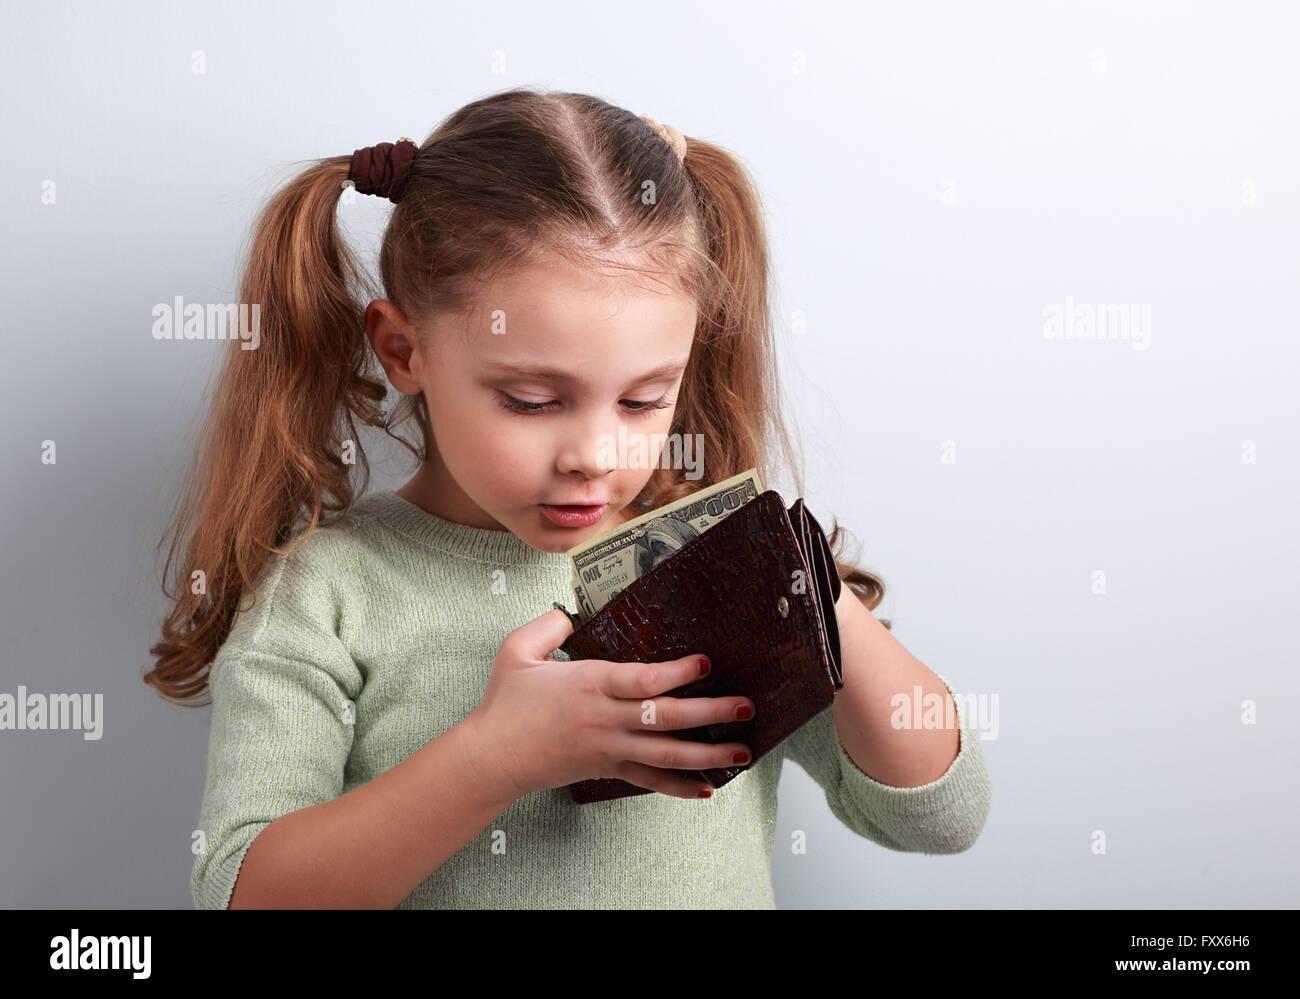 Cute surprenant petit enfant fille à la mère en portefeuille et souhaitez prendre de l'argent avec Photo Stock